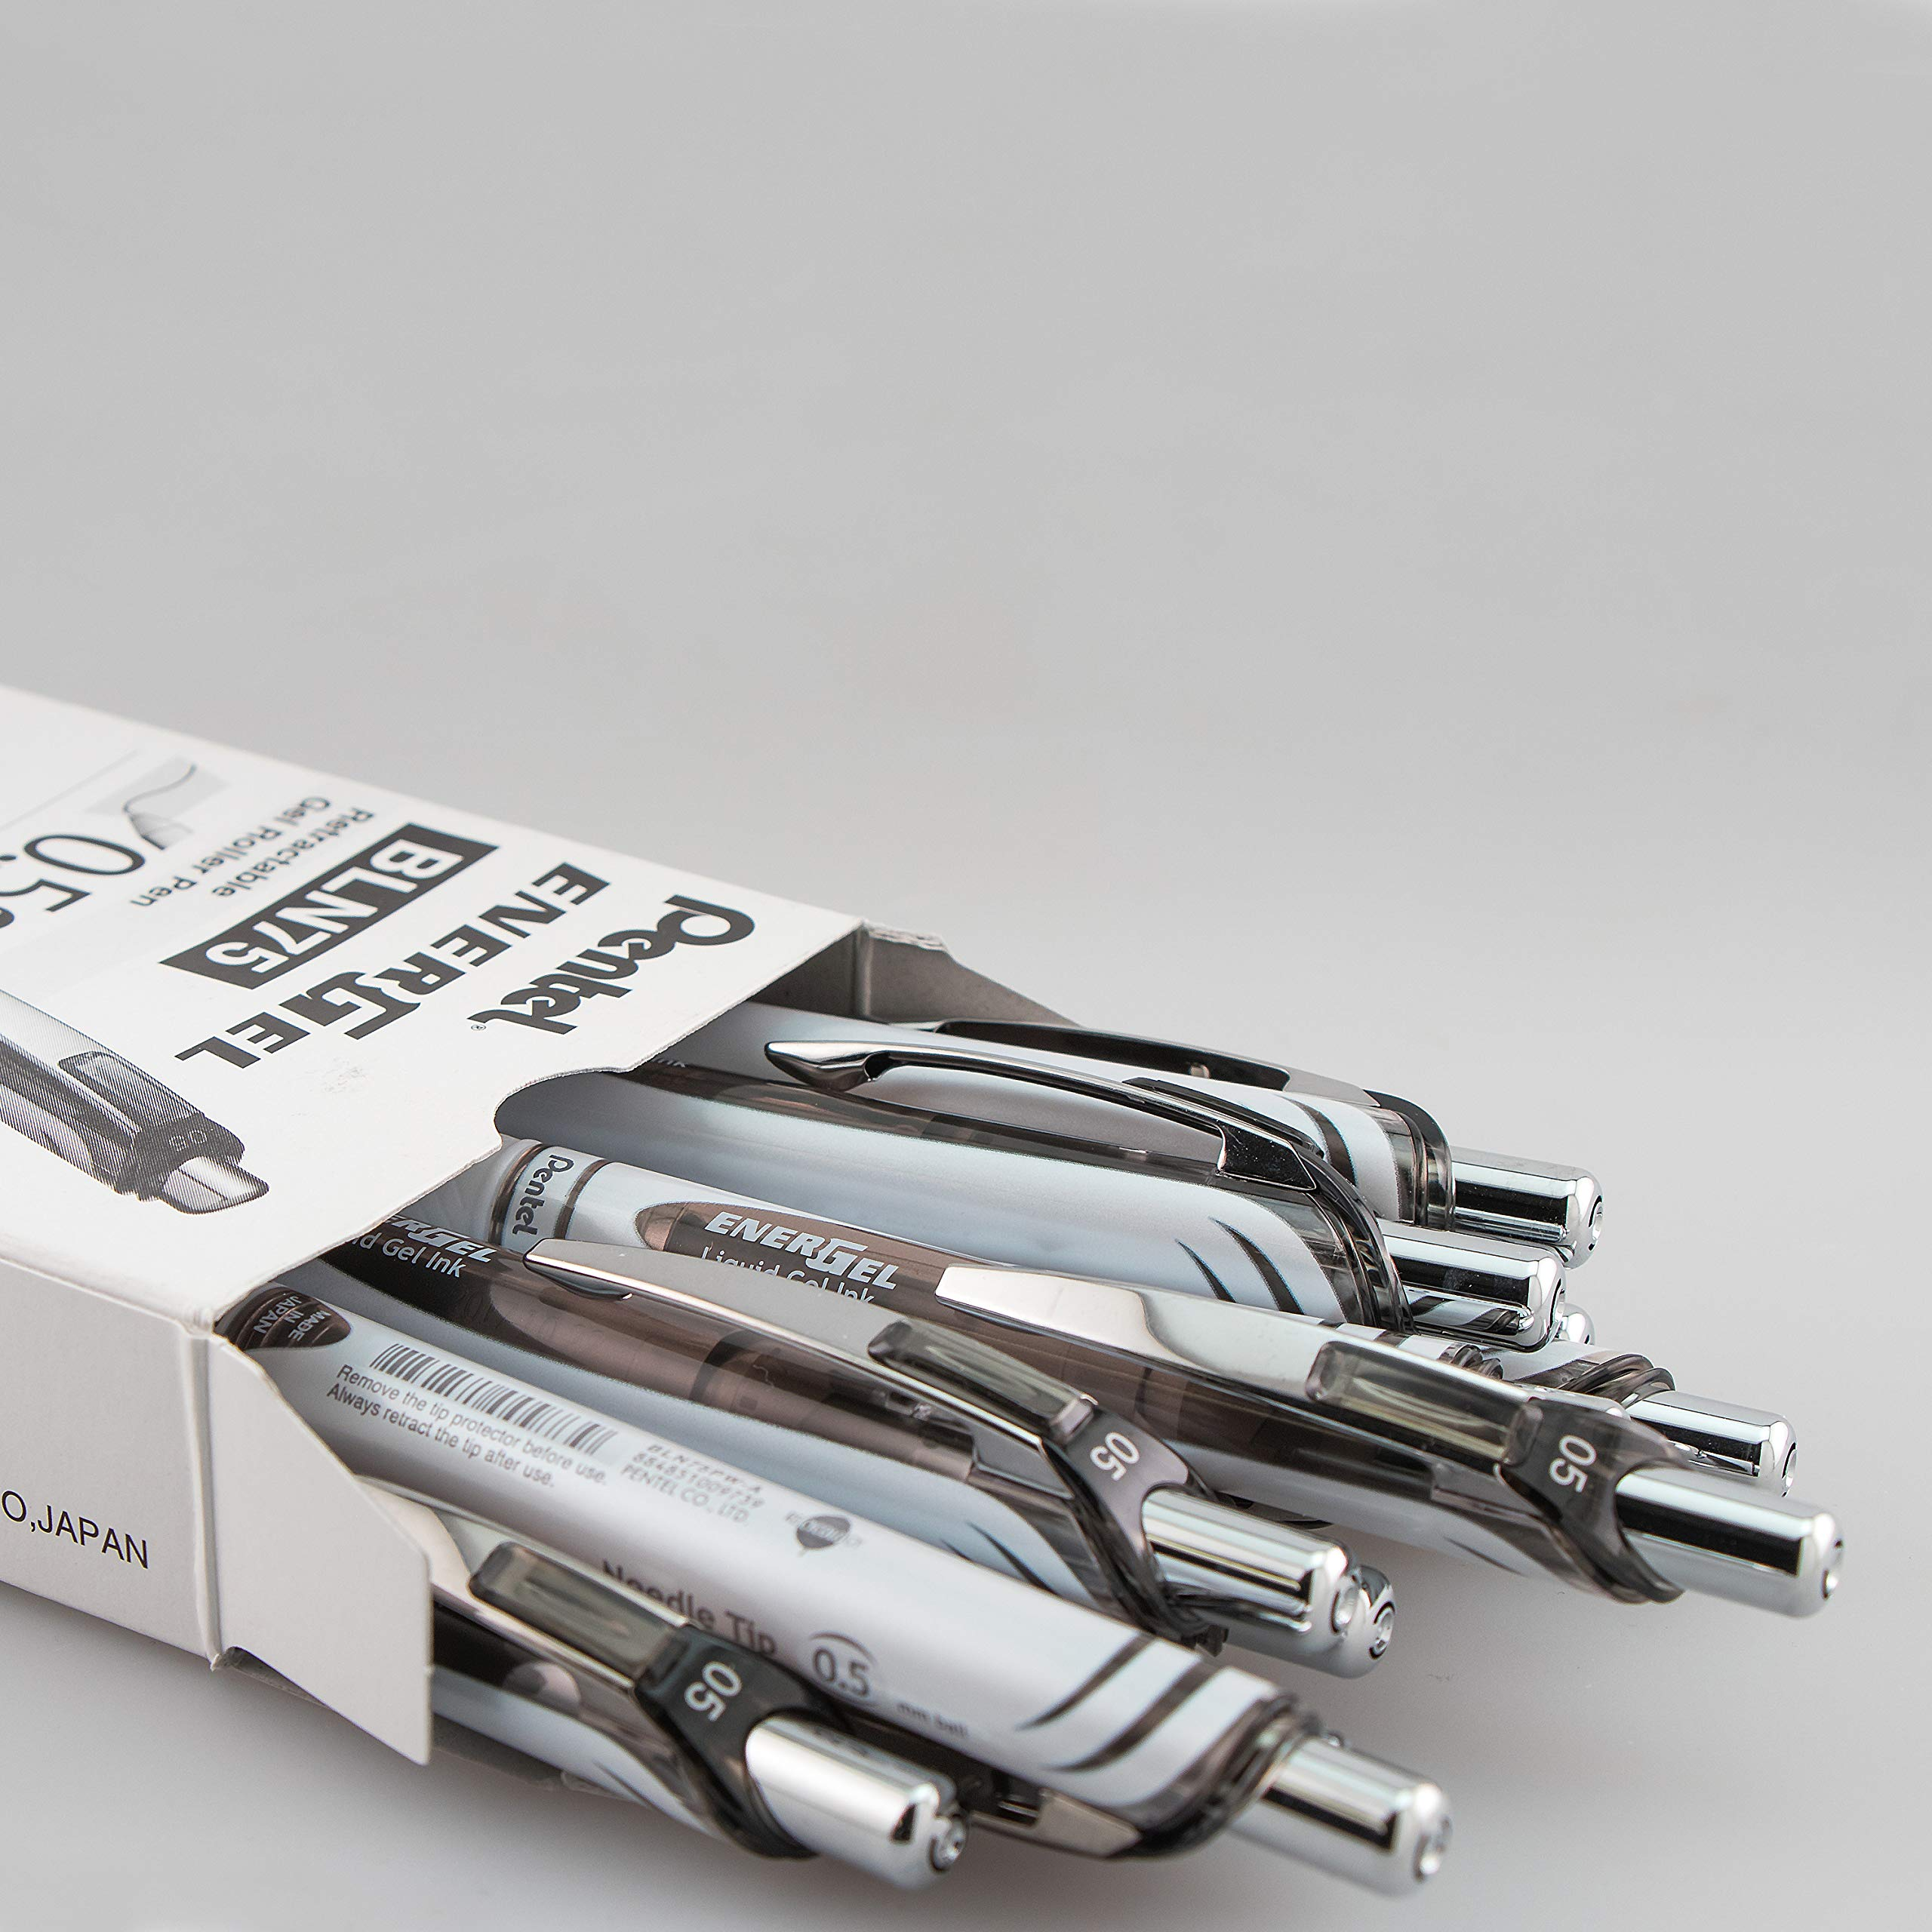 Pentel EnerGel Pearl Deluxe RTX Liquid Gel Pen, 0.5mm, Fine Line, Needle Tip, Black Ink, Box of 12 (BLN75PW-A) by Pentel (Image #2)